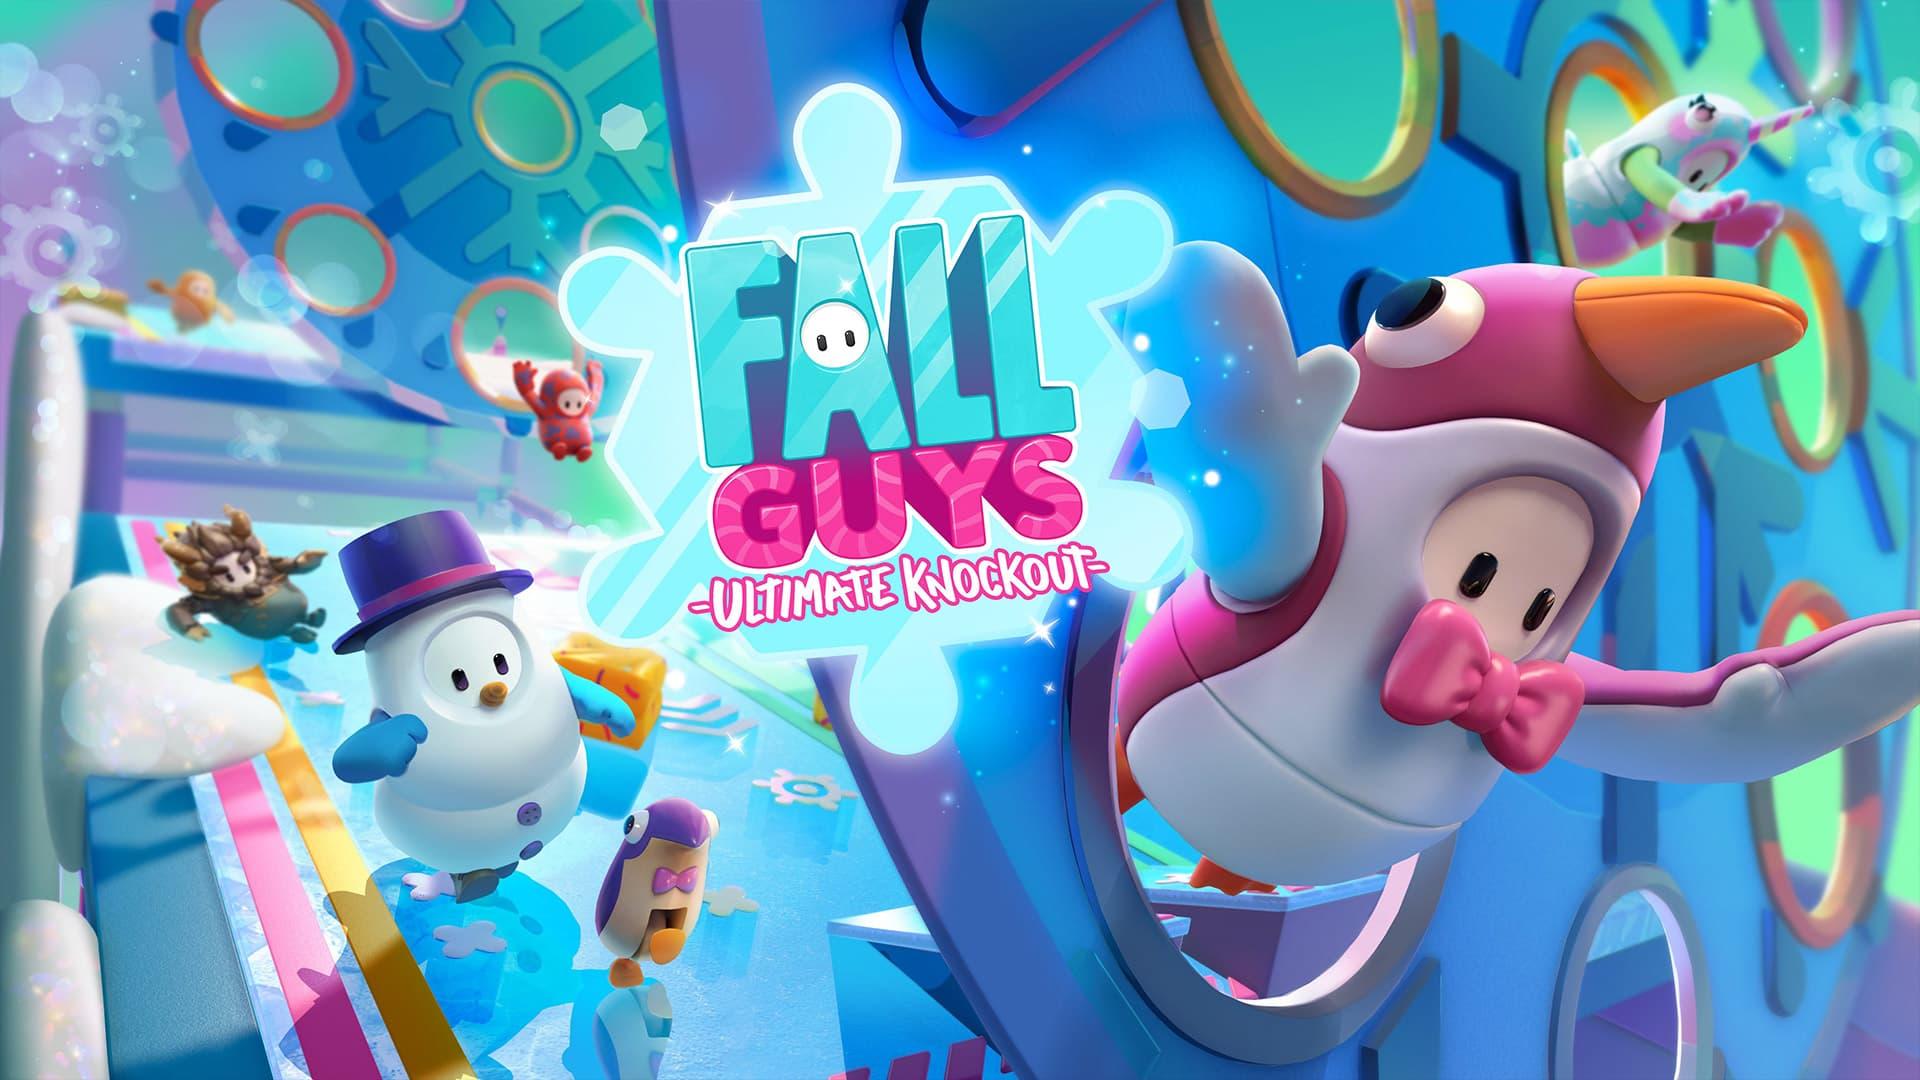 Estos serán algunos de los aspectos de la temporada 3 de Fall Guys   Kyaooo